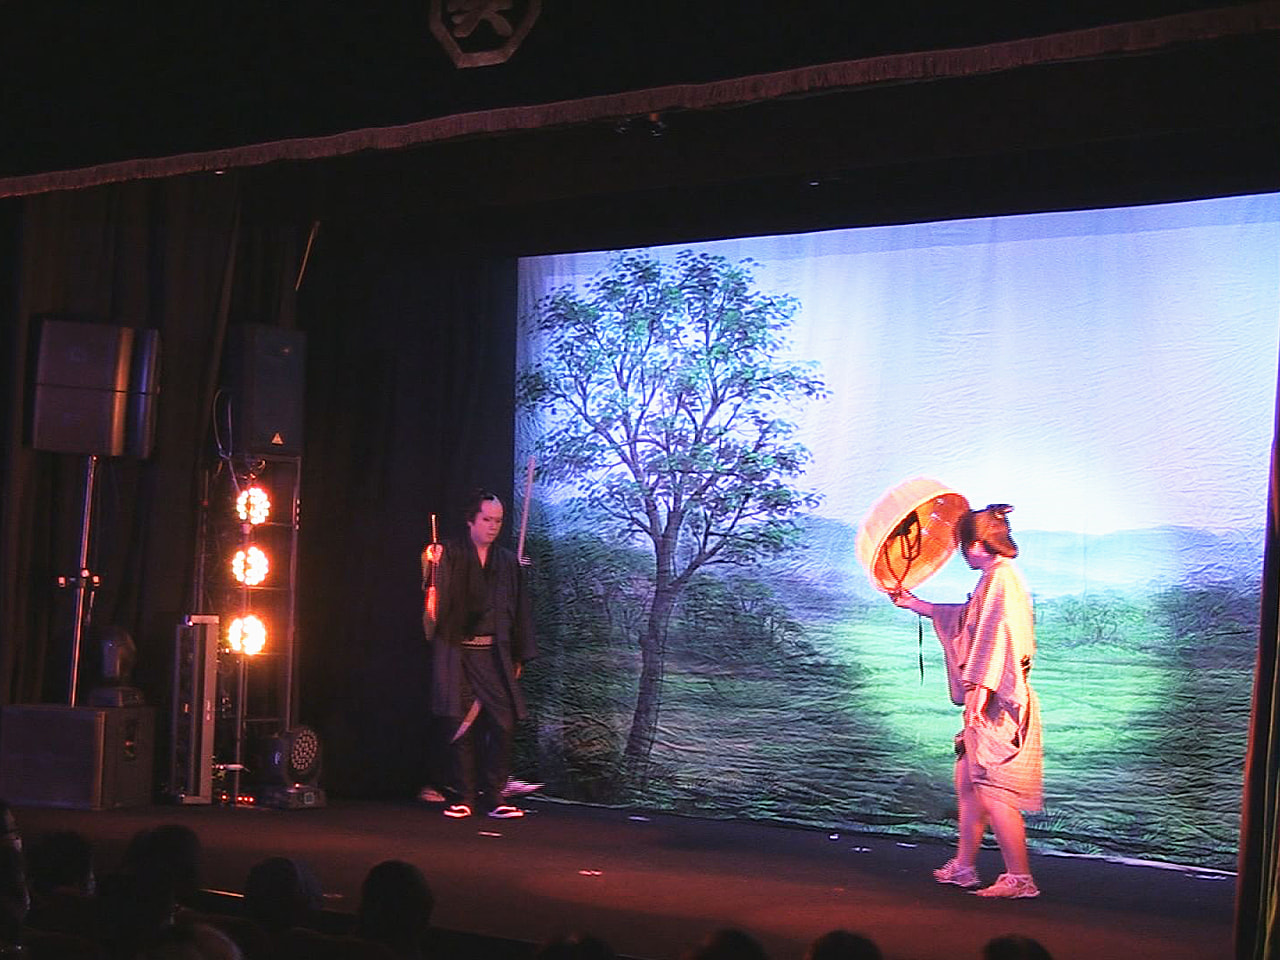 2020年12月に閉館した岐阜市柳ケ瀬地区の大衆演劇場「ぎふ葵劇場」が1日、新た...